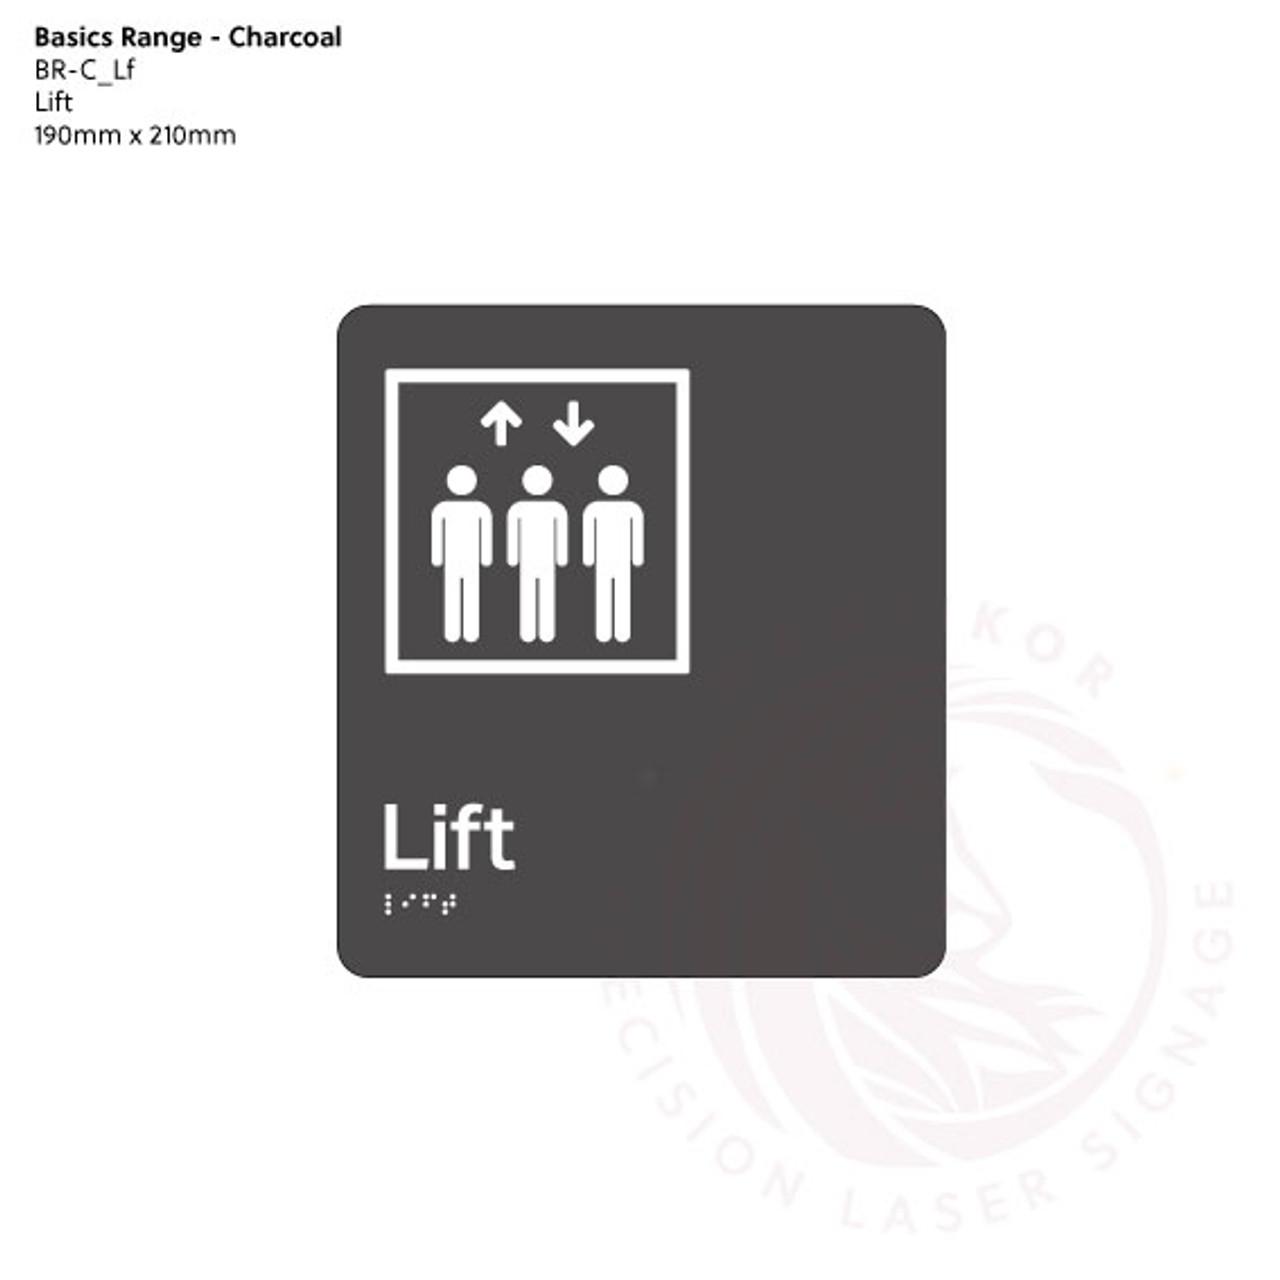 Lift (BR-C_Lf)